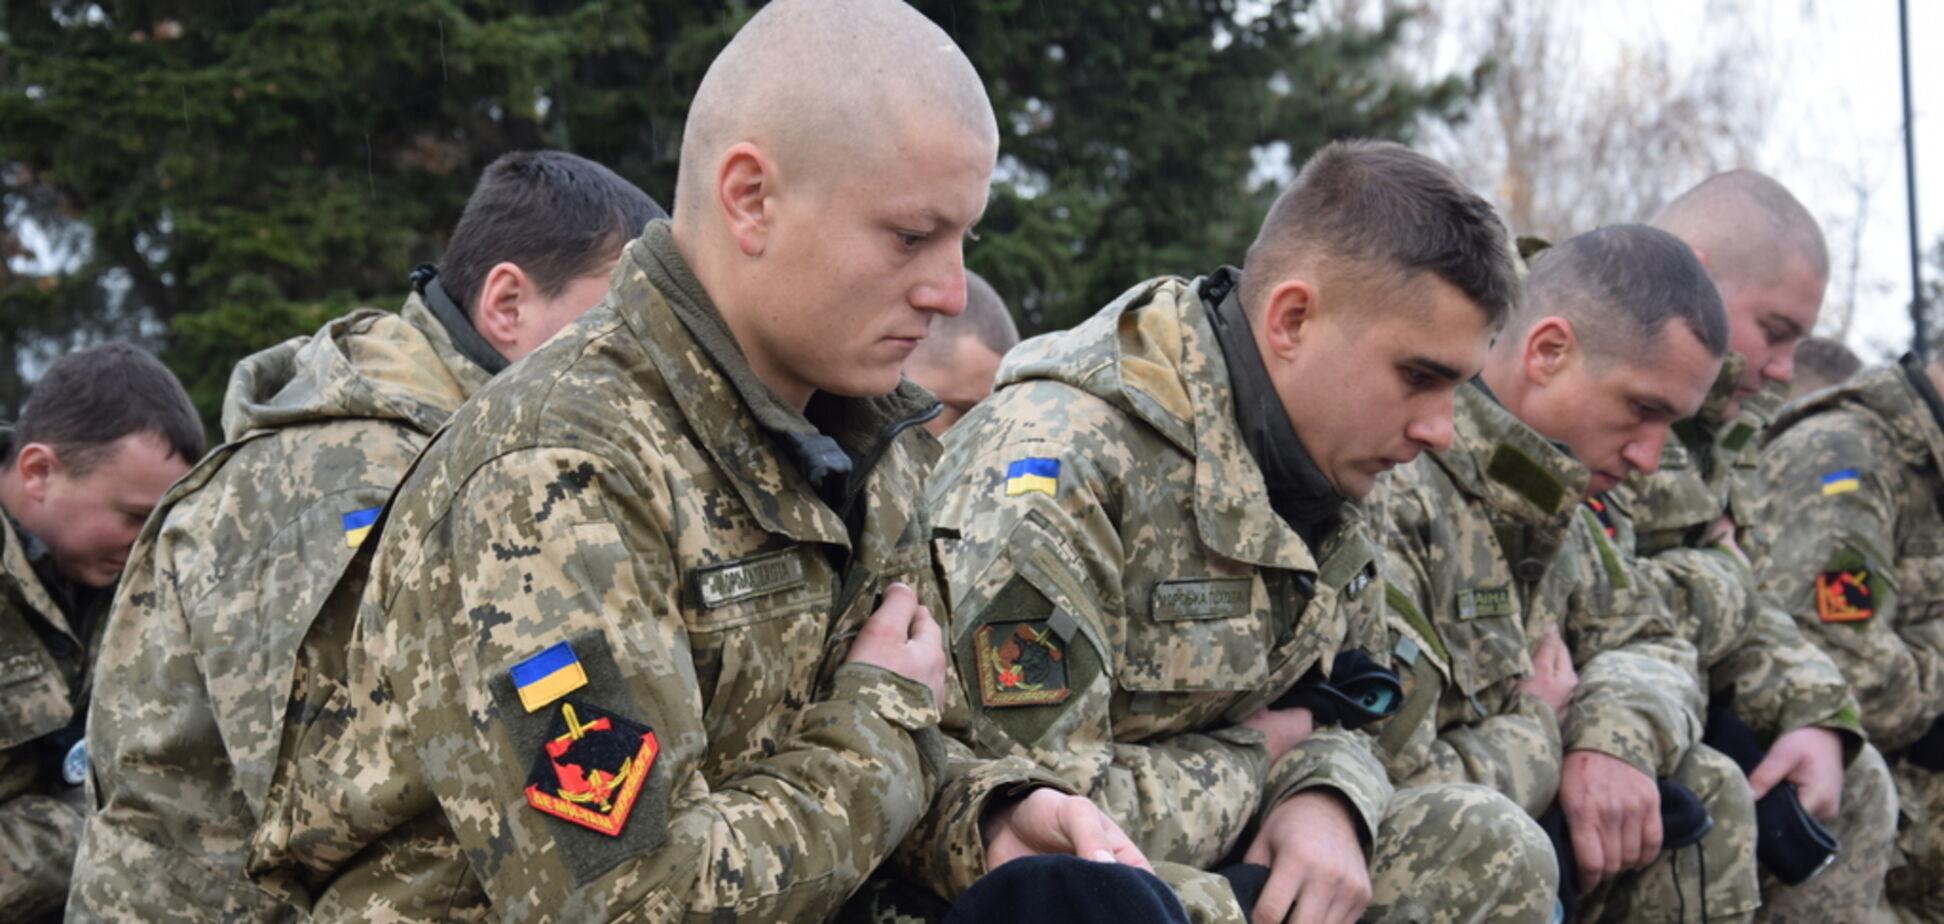 Вчера Зеленский вбил очередной клин между собой и армией